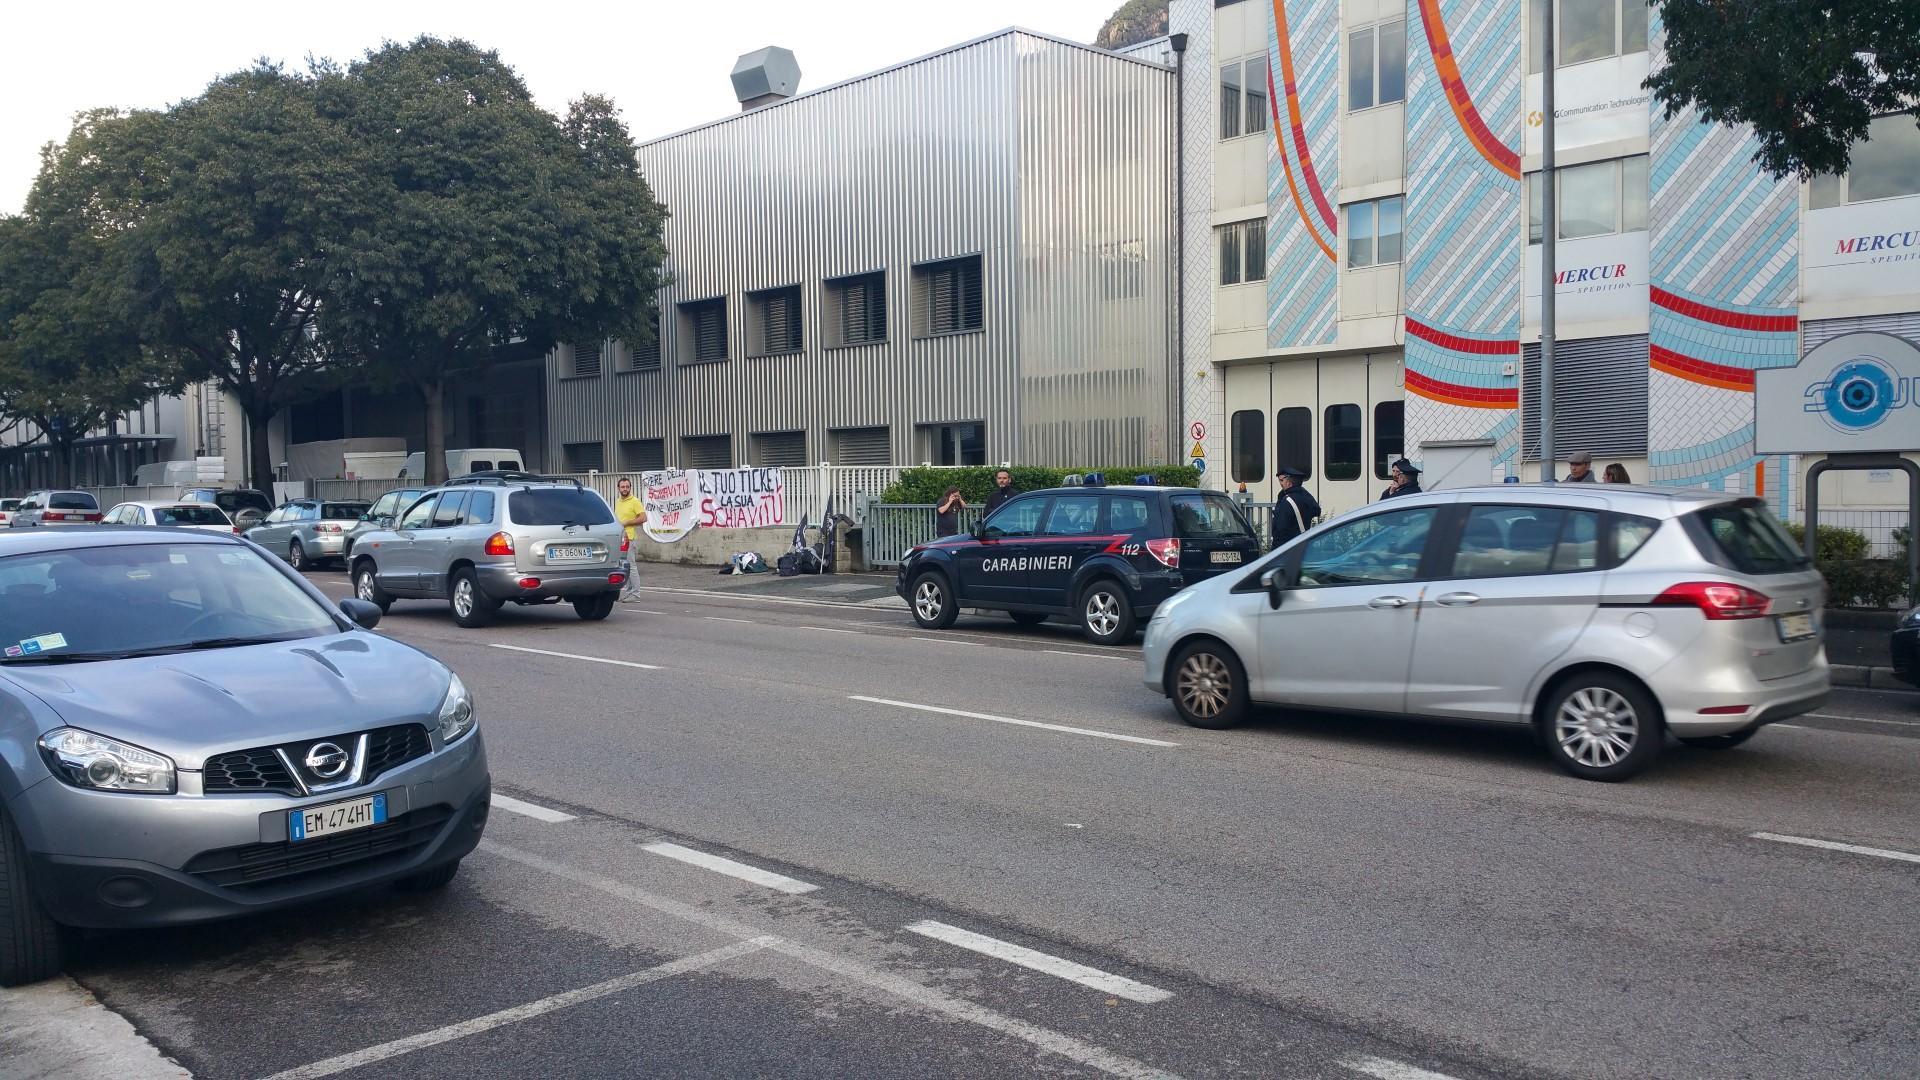 Fronte animalista Bolzano - Manifestazione Porte aperte 10 anni della casa della zootecnia 18